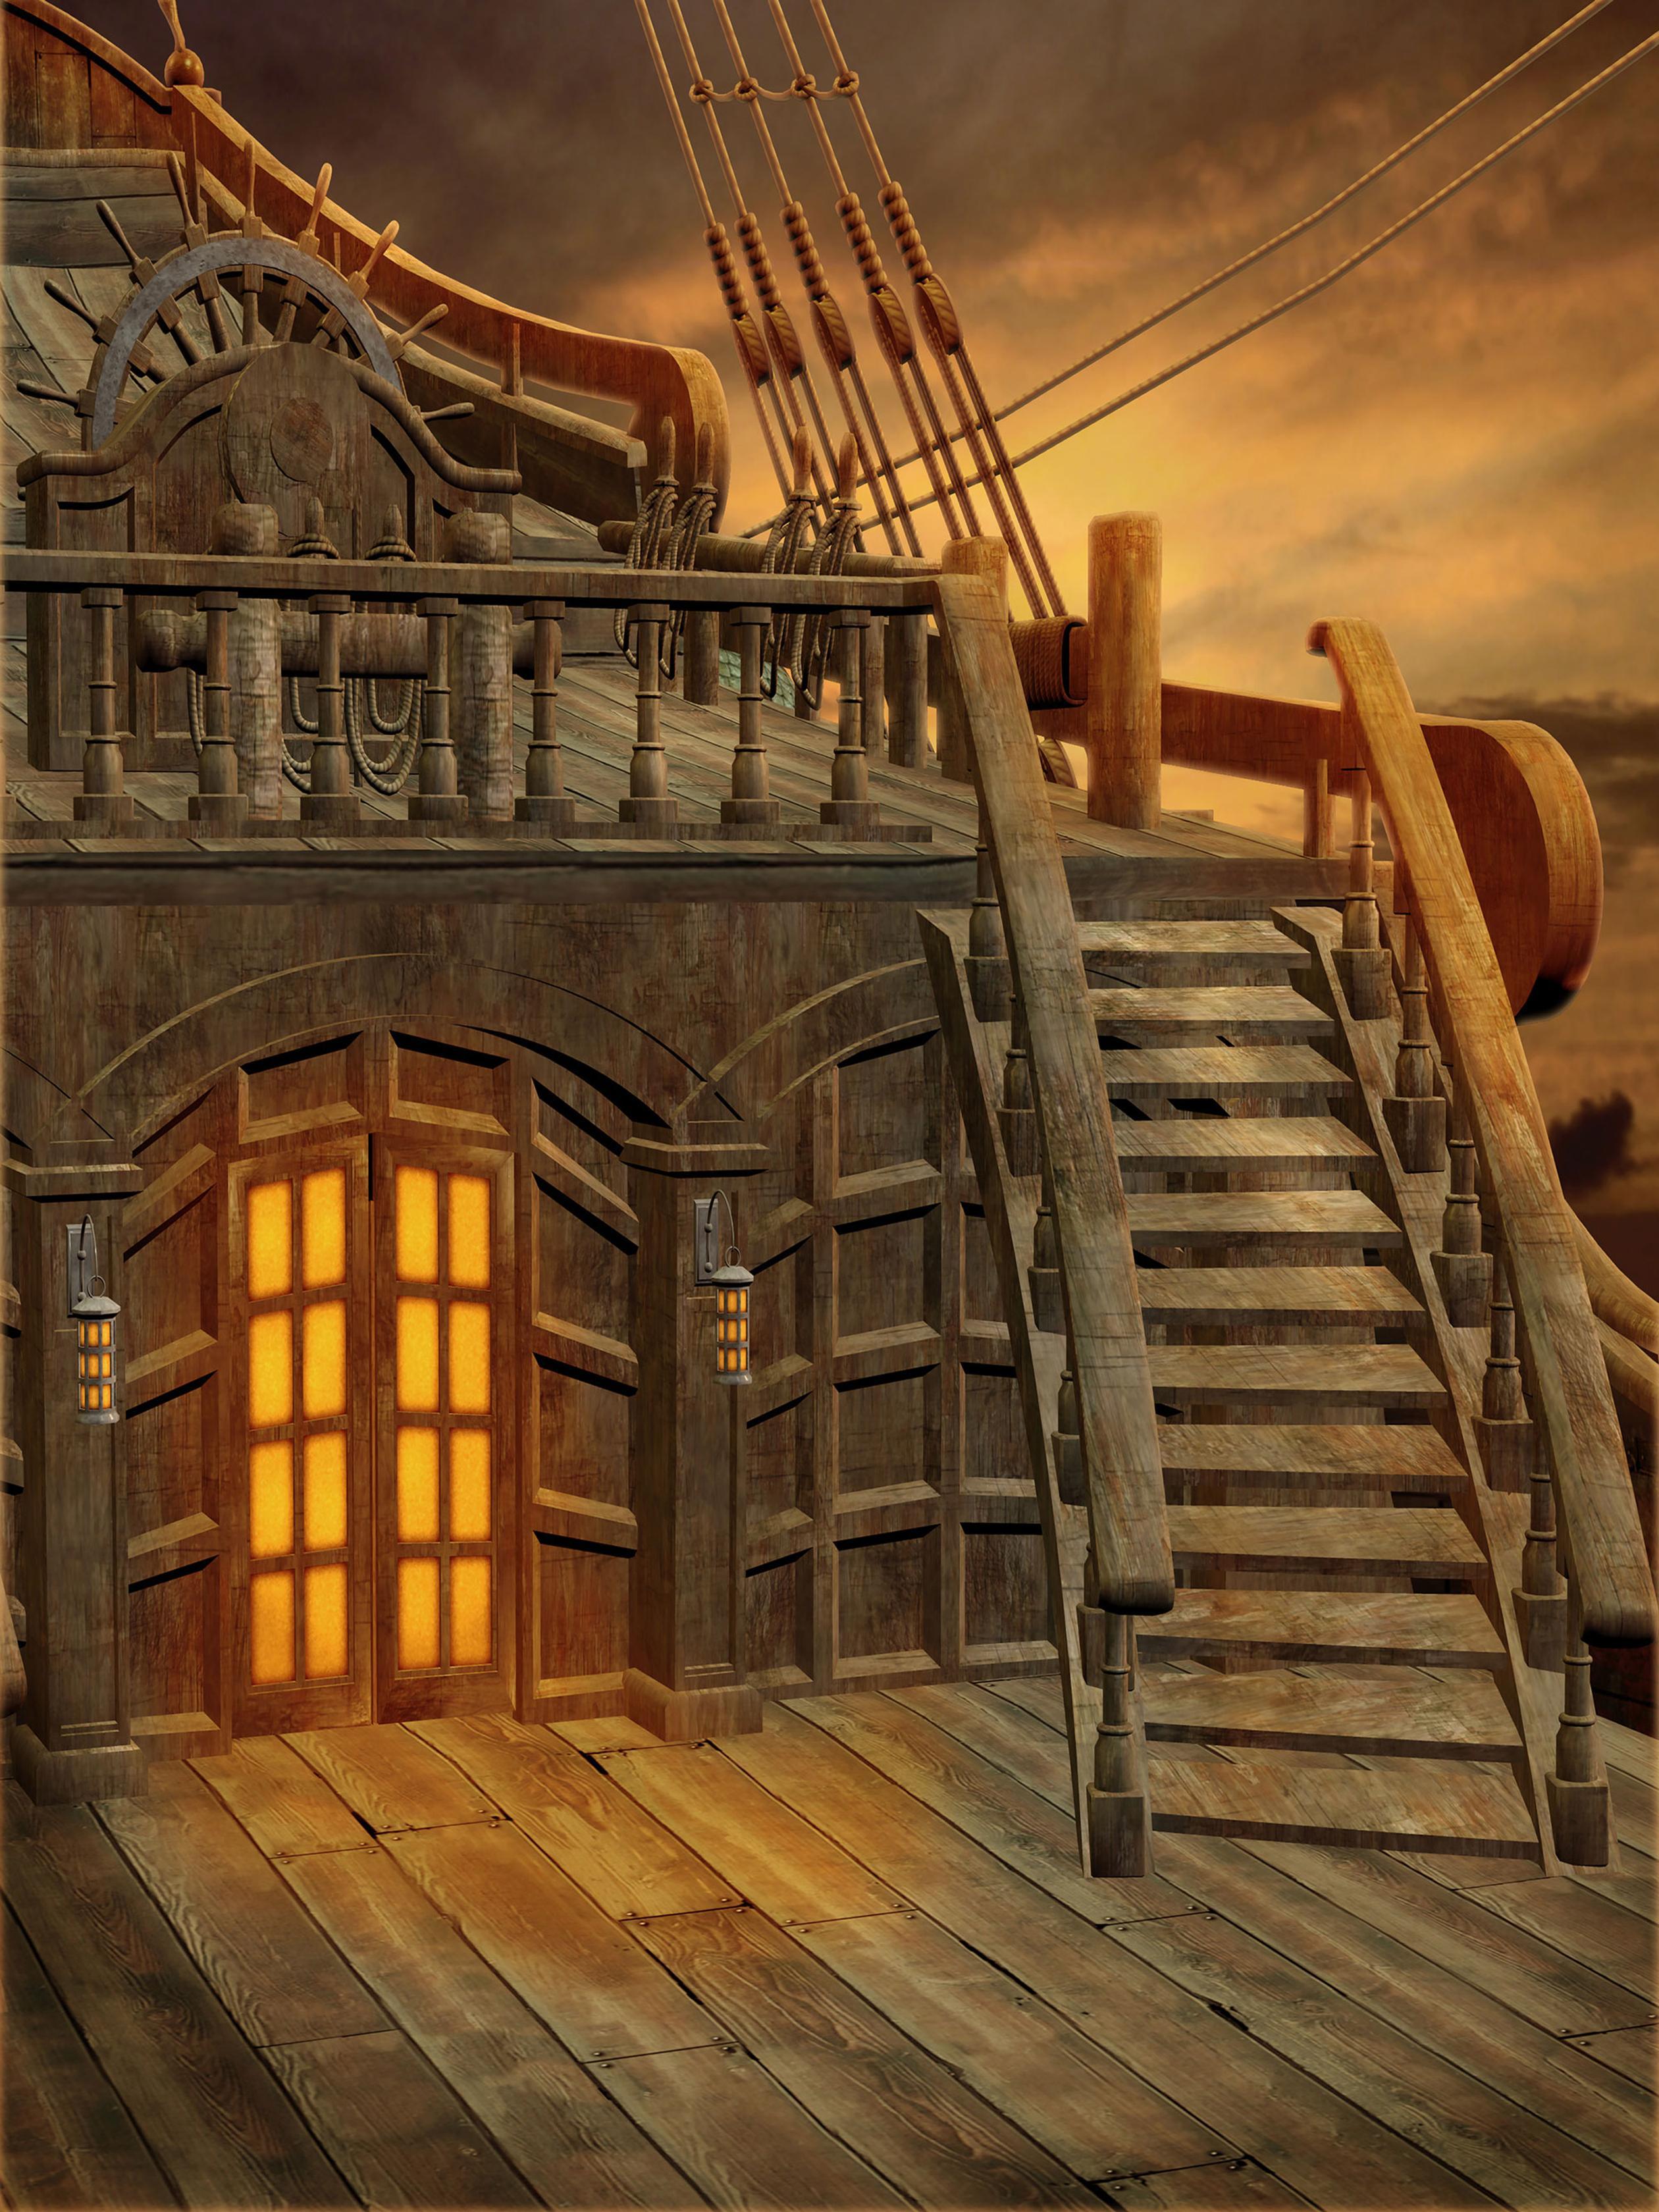 Пиратский корабль ландшафтный лестница виниловые фотографии фон новорожденных детские фото стенд детские фоны для детей вечеринки студии реквизиты